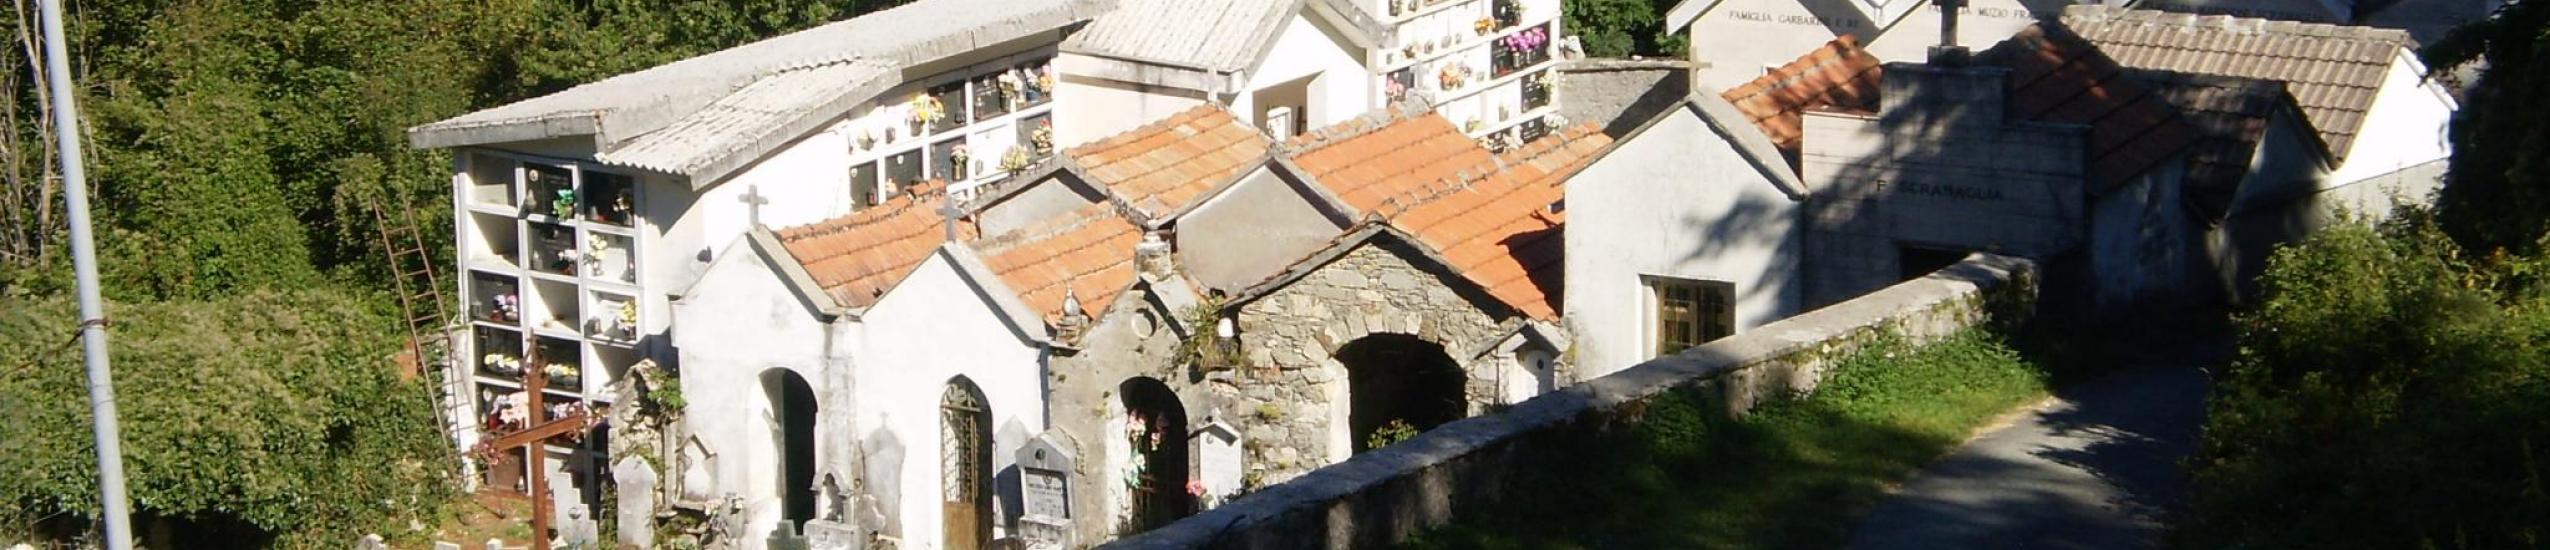 Cimitero vecchio e nuovo